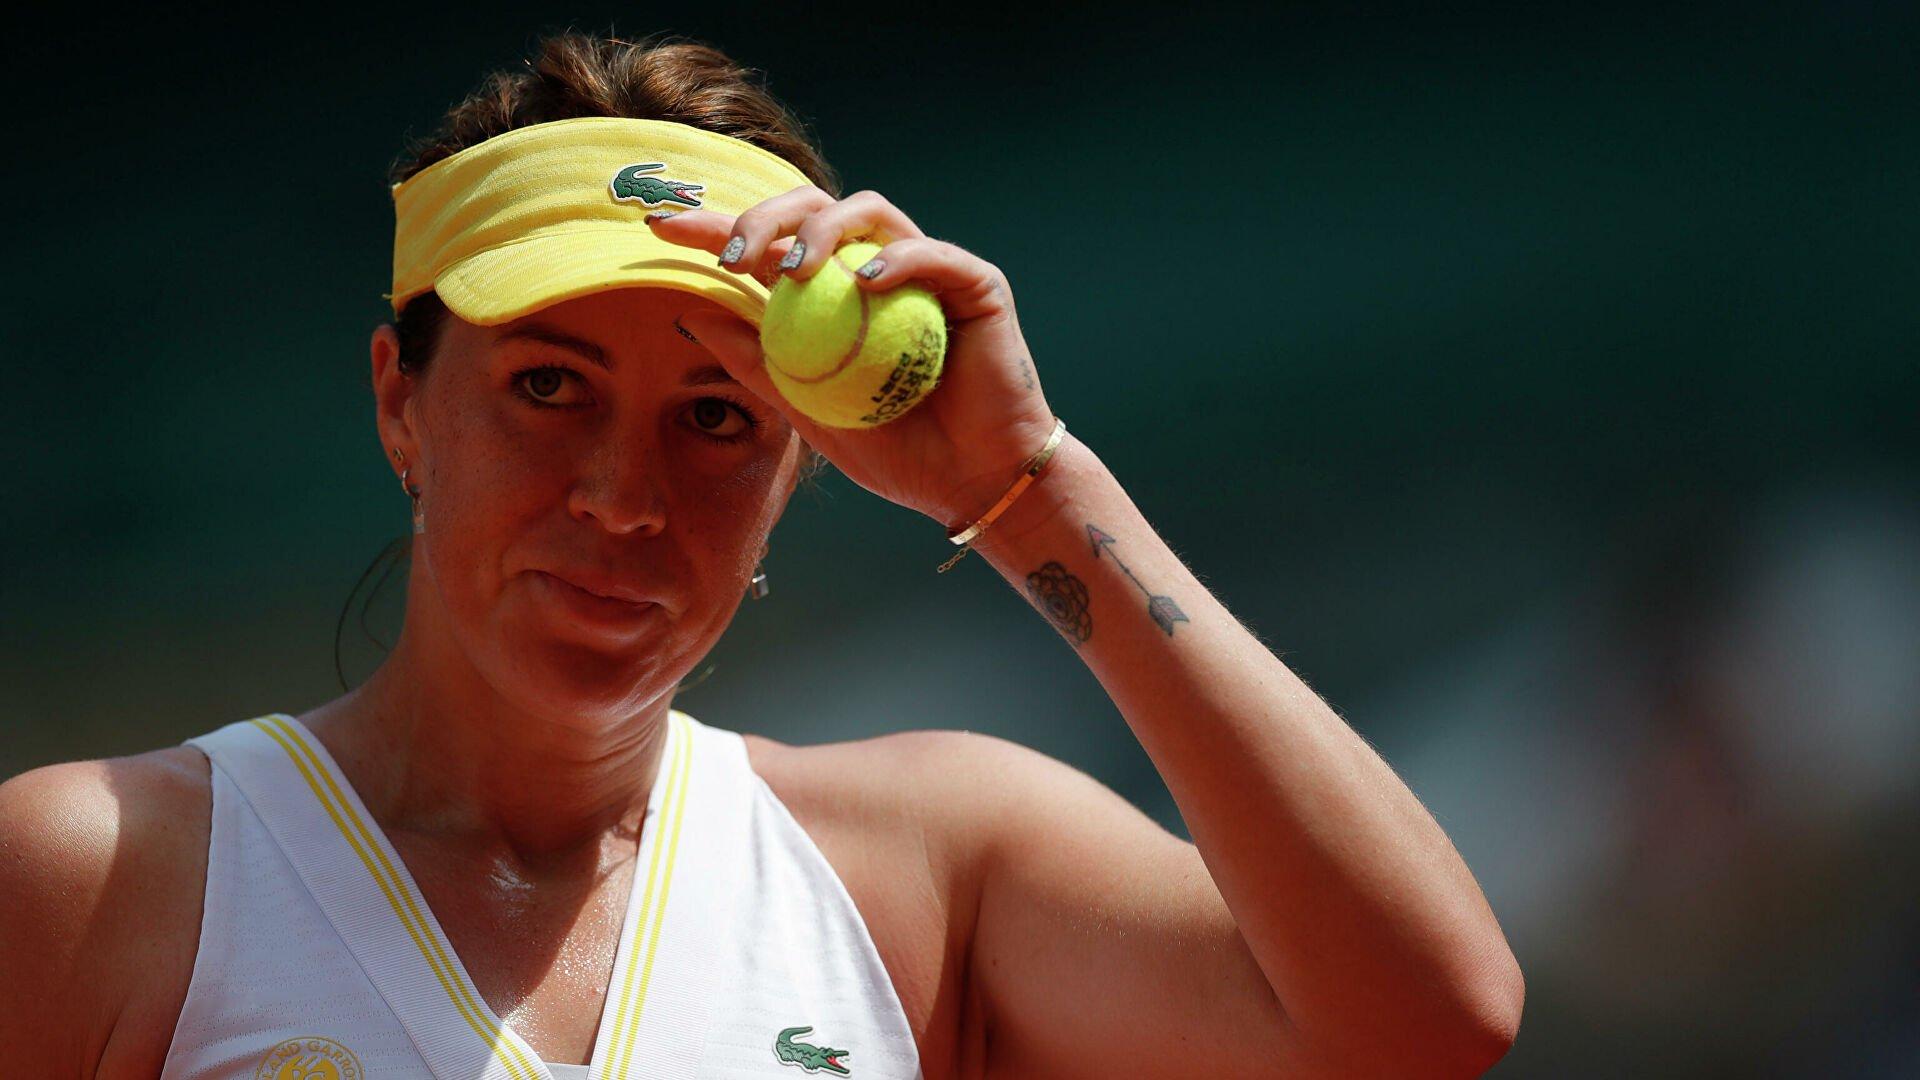 Российская теннисистка Павлюченкова проиграла чешке Крейчиковой в финале «Ролан Гаррос»